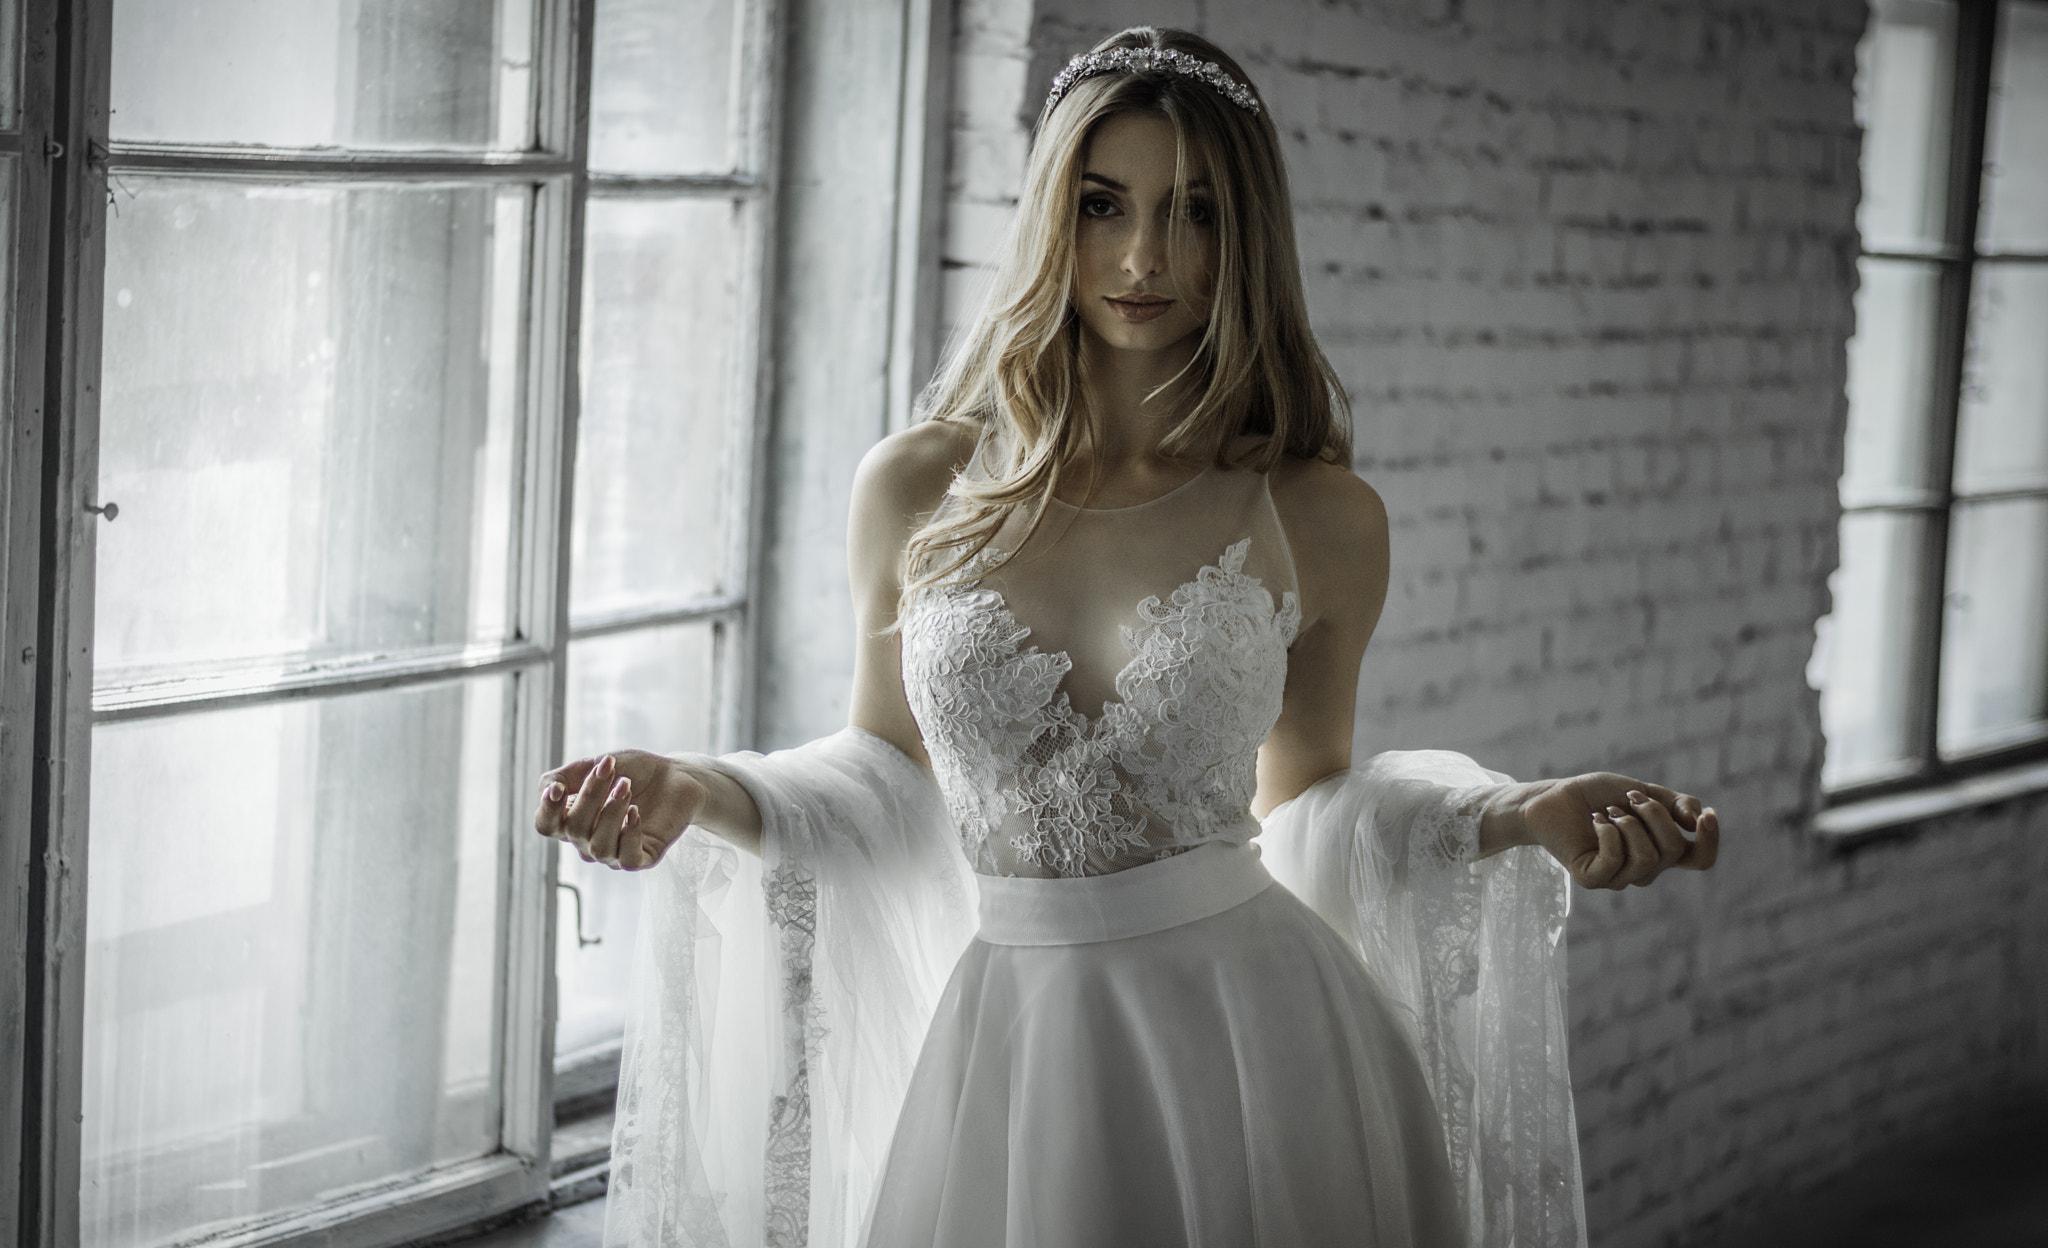 デスクトップ壁紙 女性 ポートレート ブロンド 白いドレス 窓